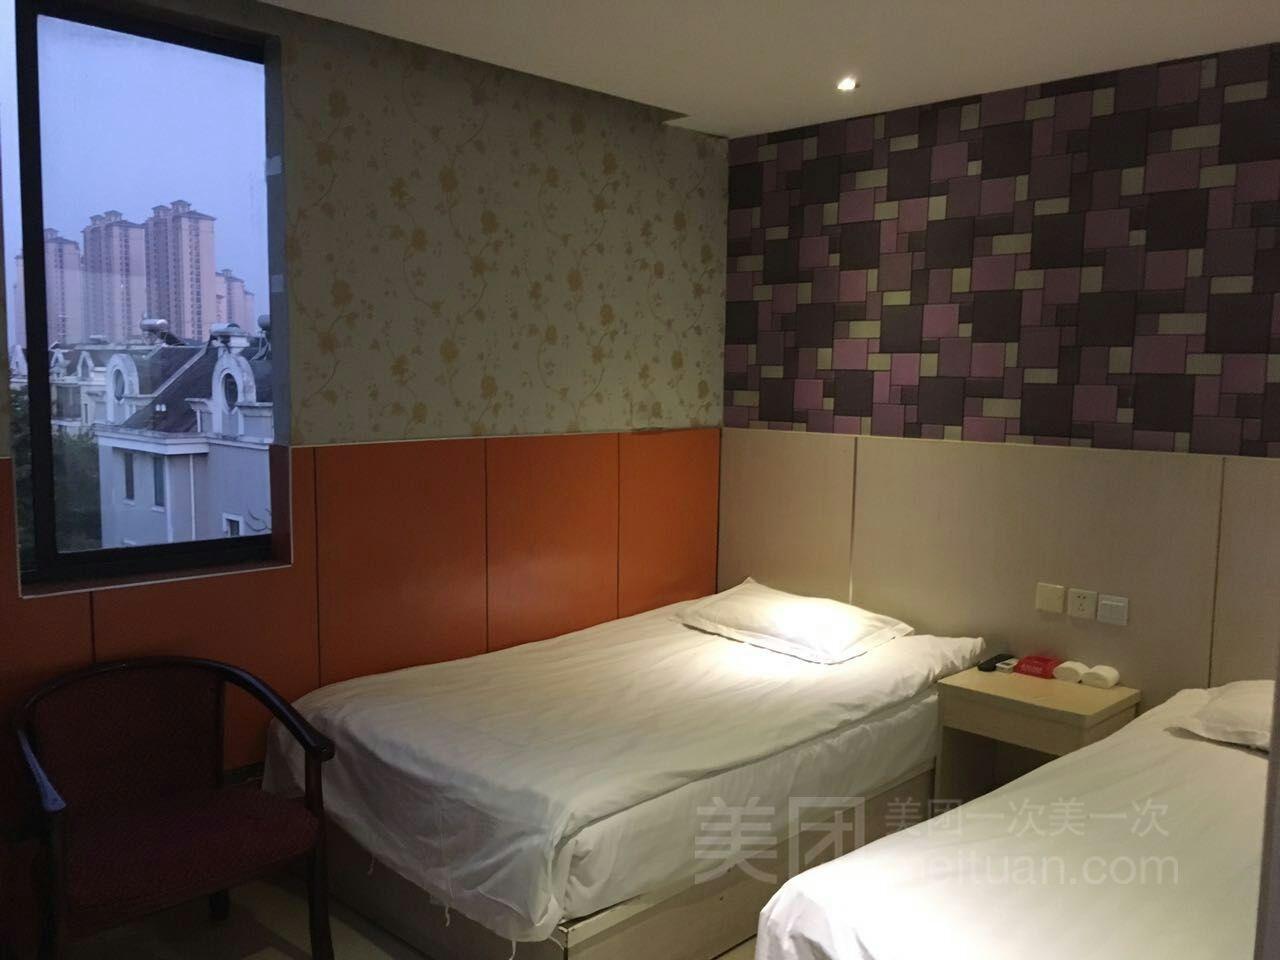 桔子99旅店预订/团购